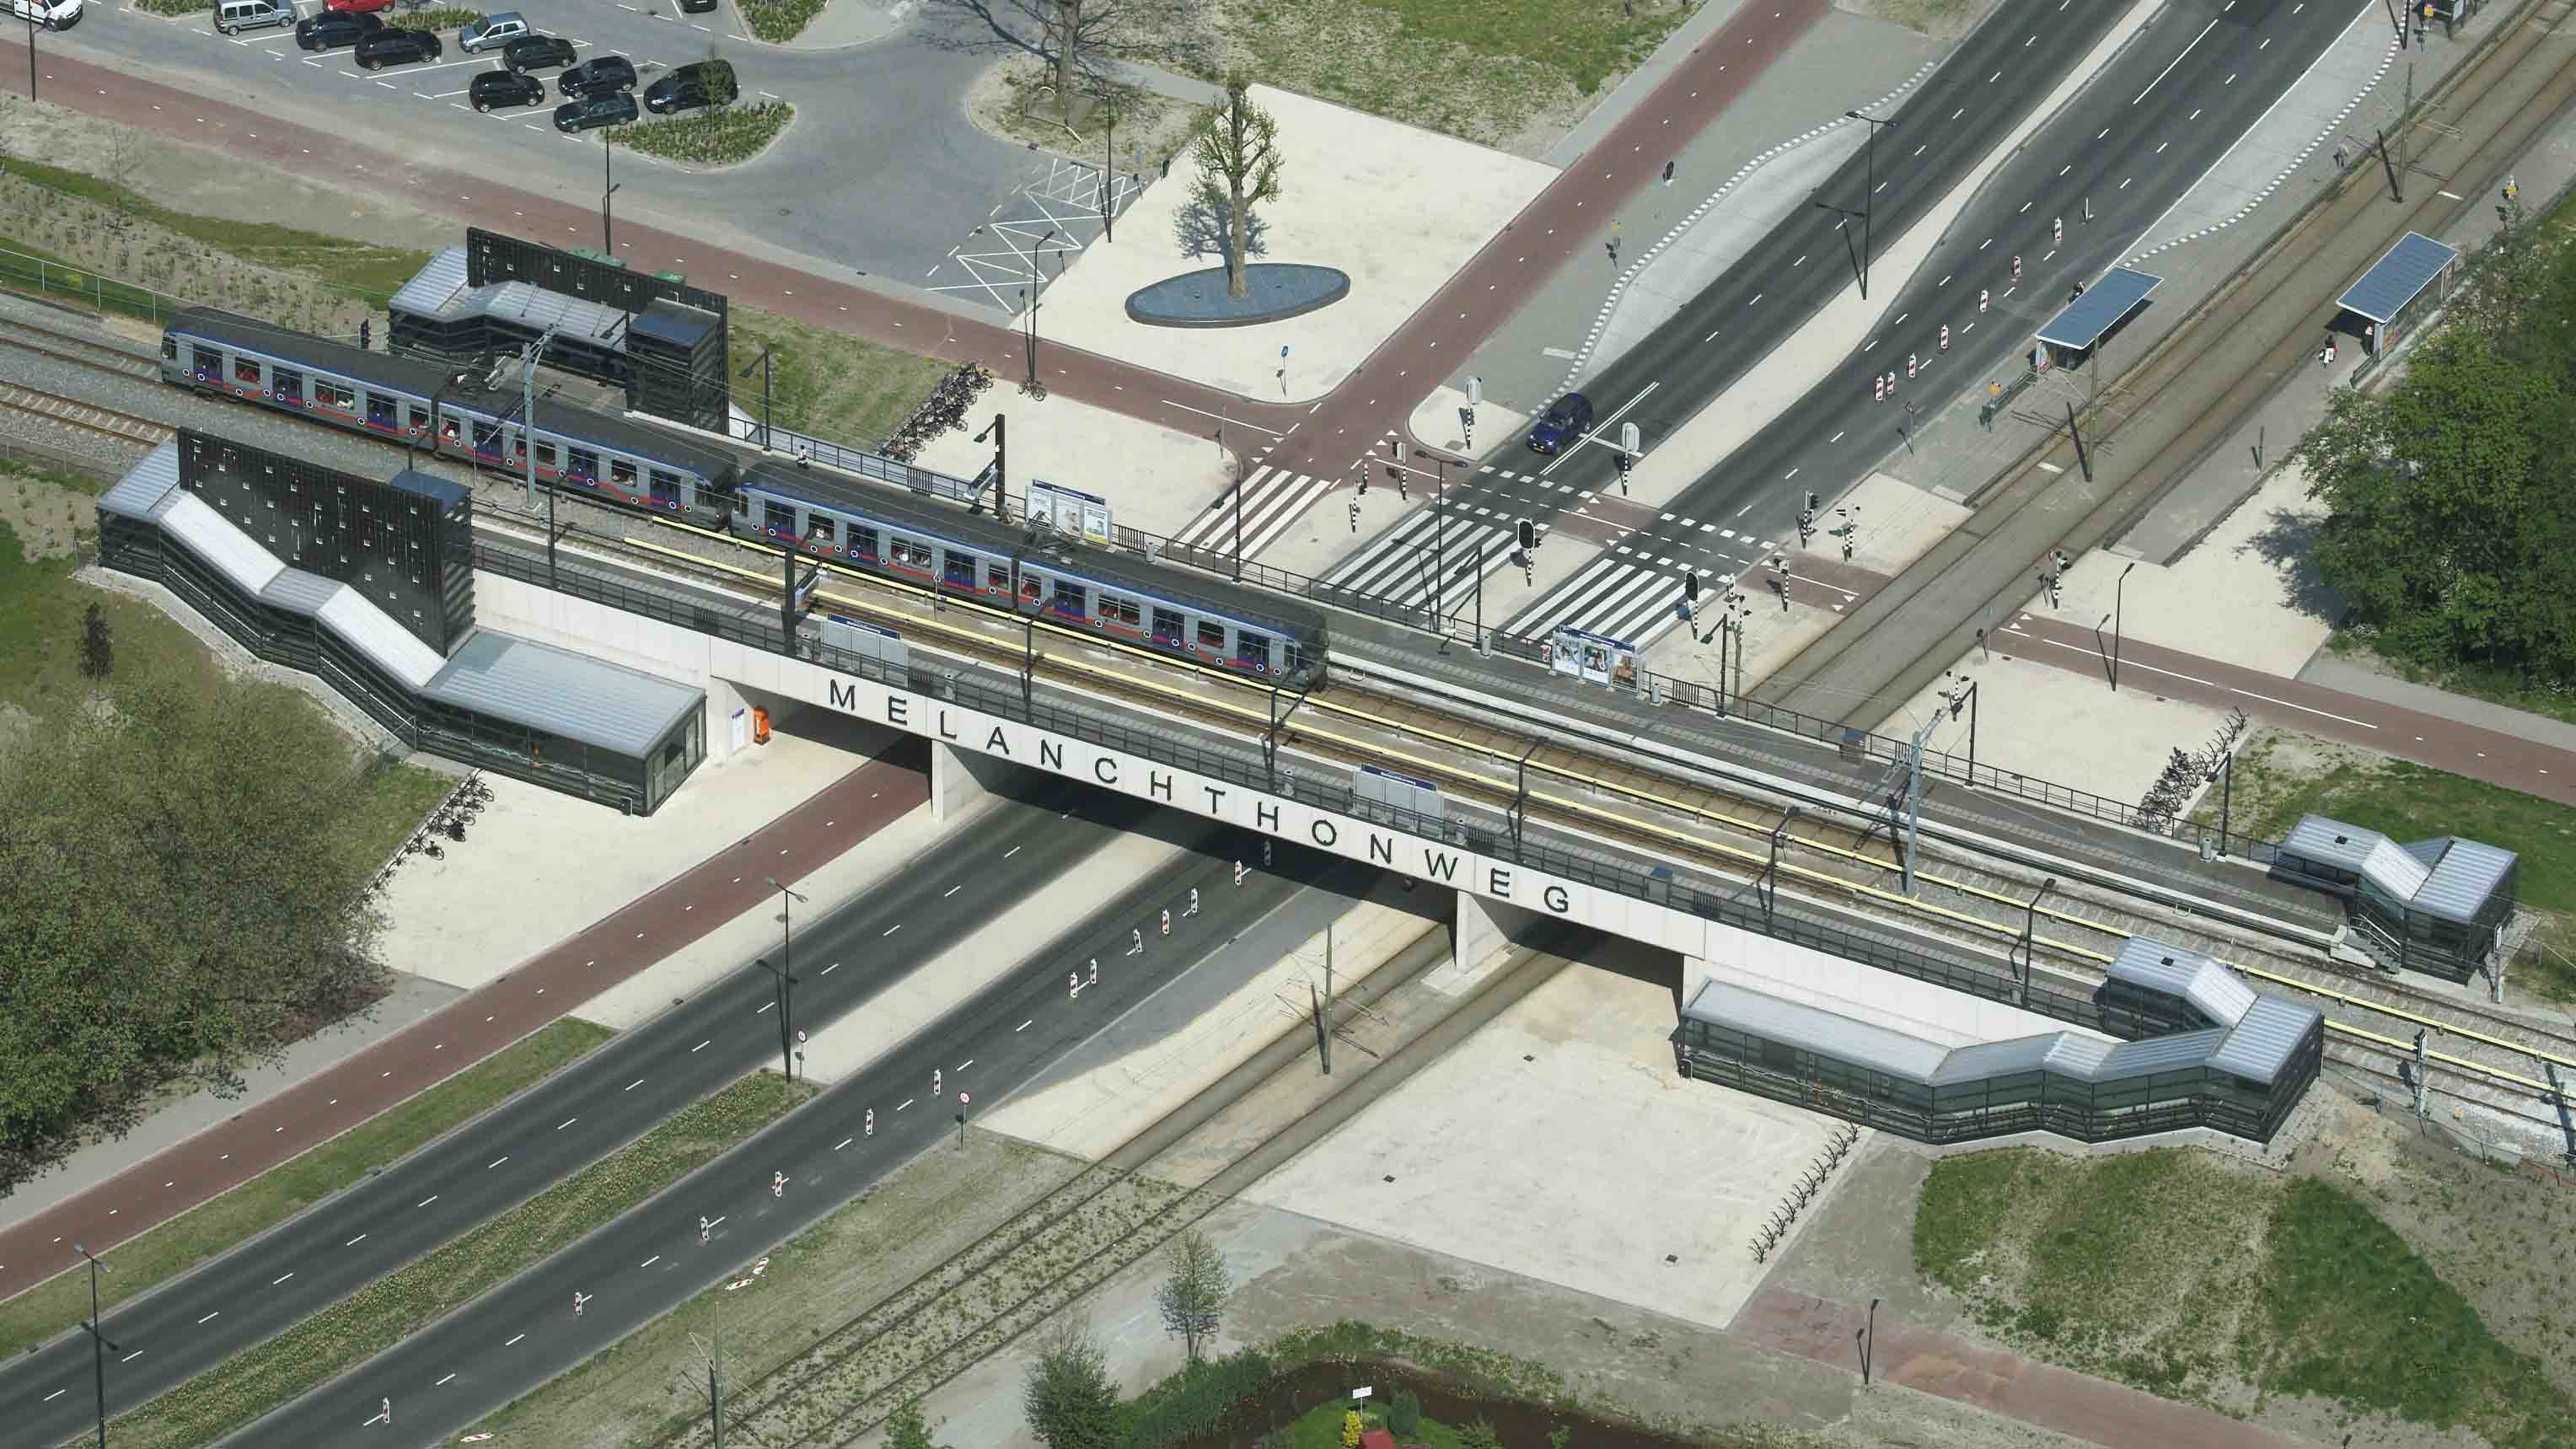 station melanghtonweg architect marja haring